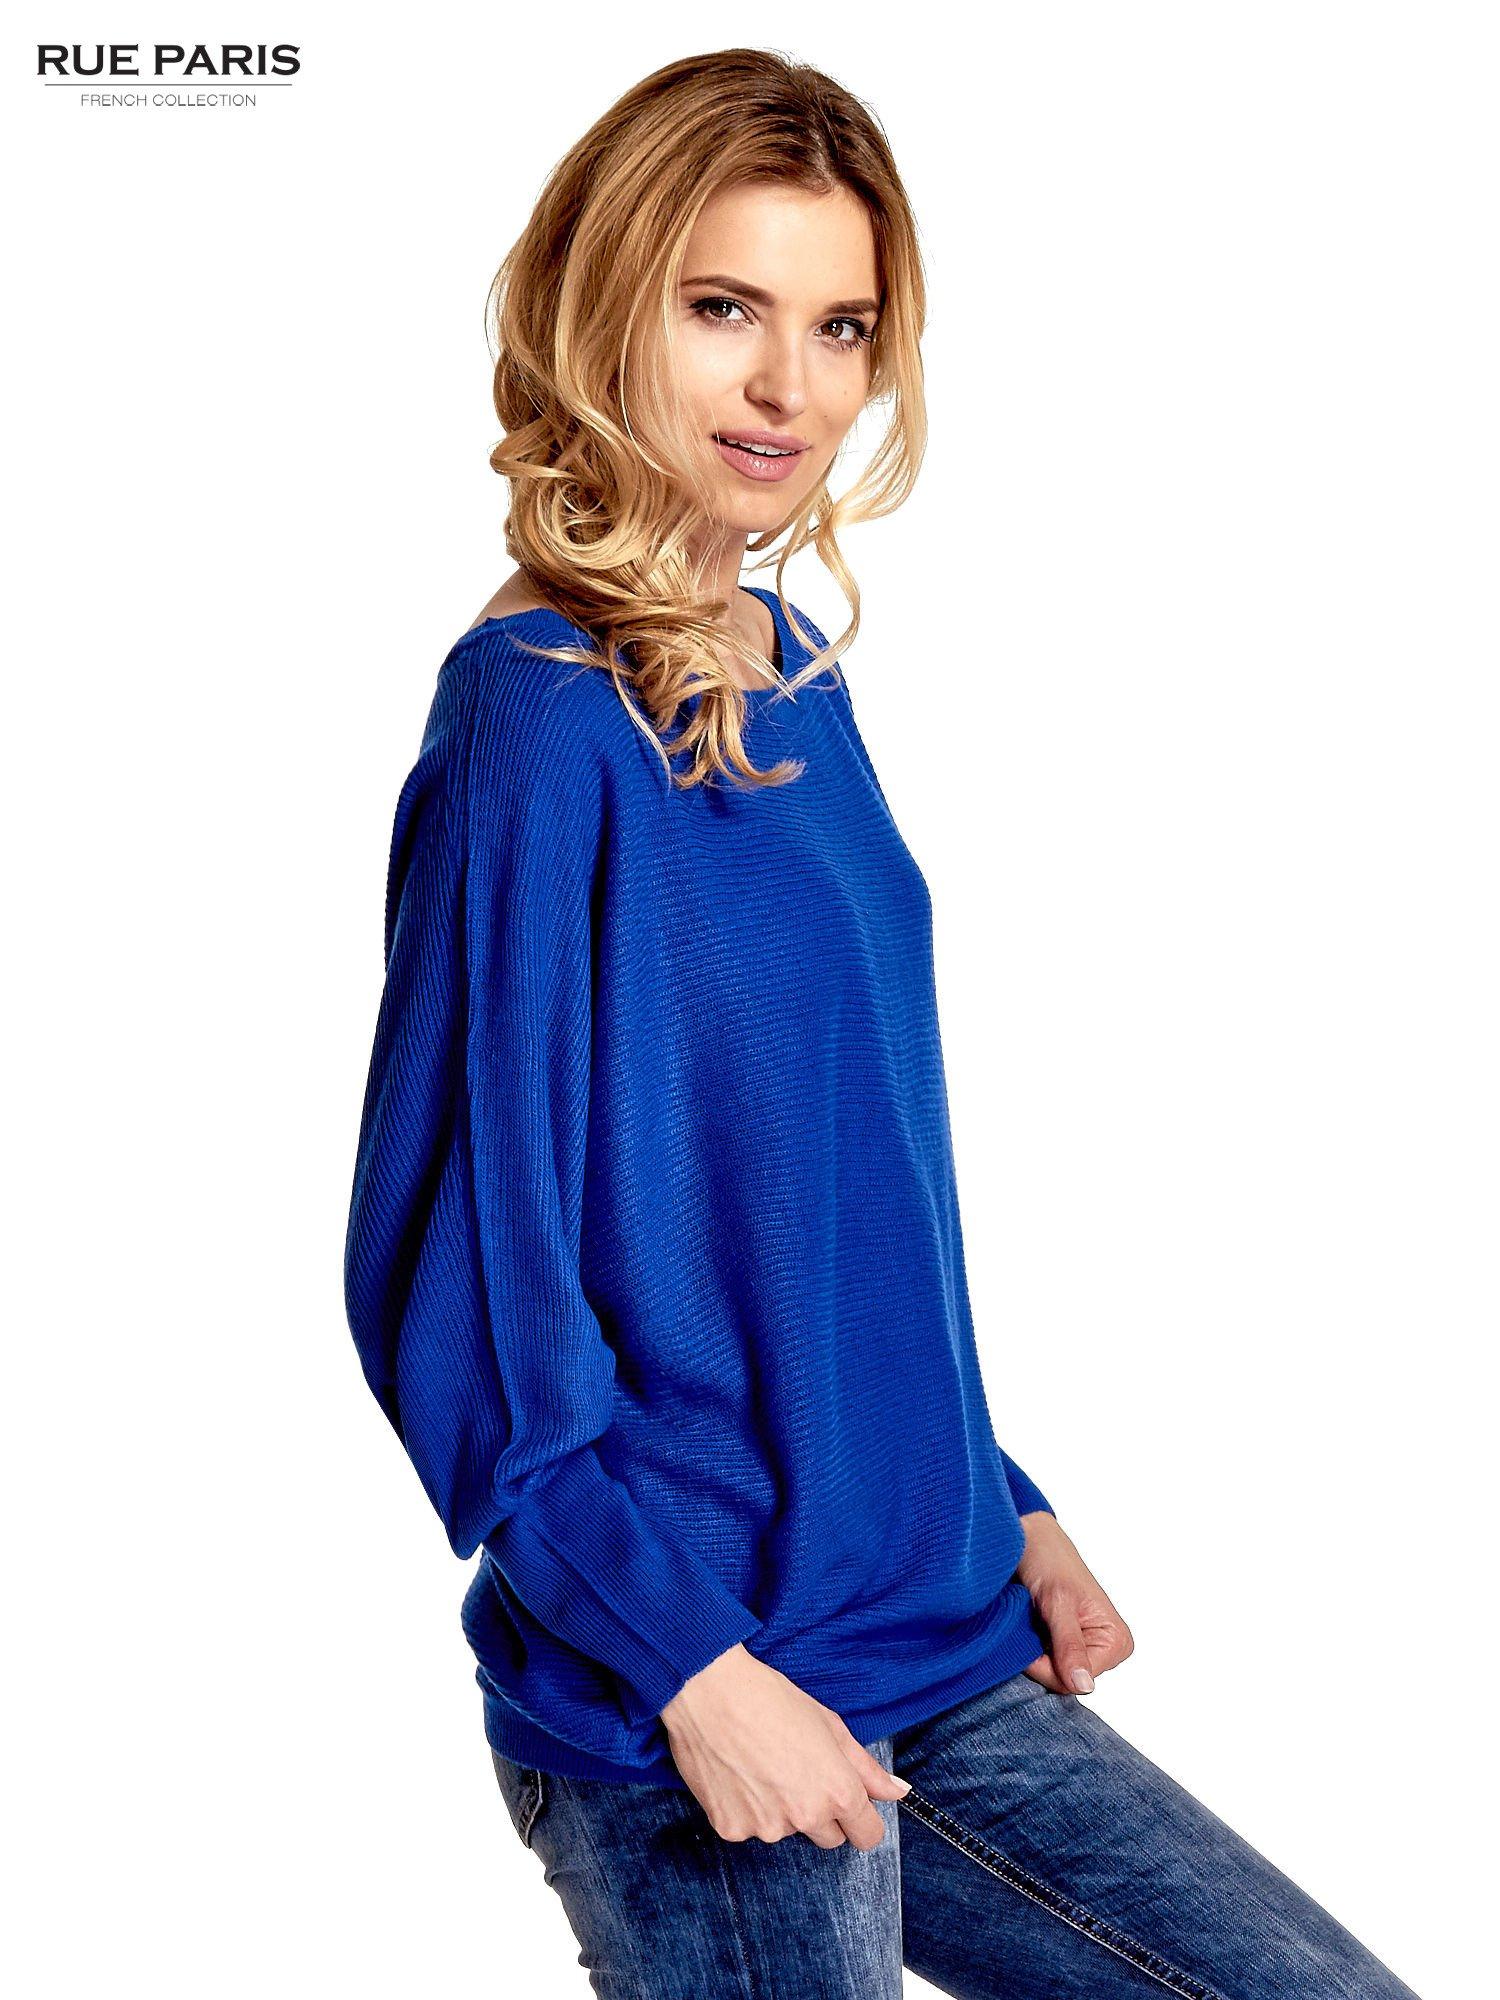 Niebieski sweter z nietoperzowymi rękawami                                  zdj.                                  3